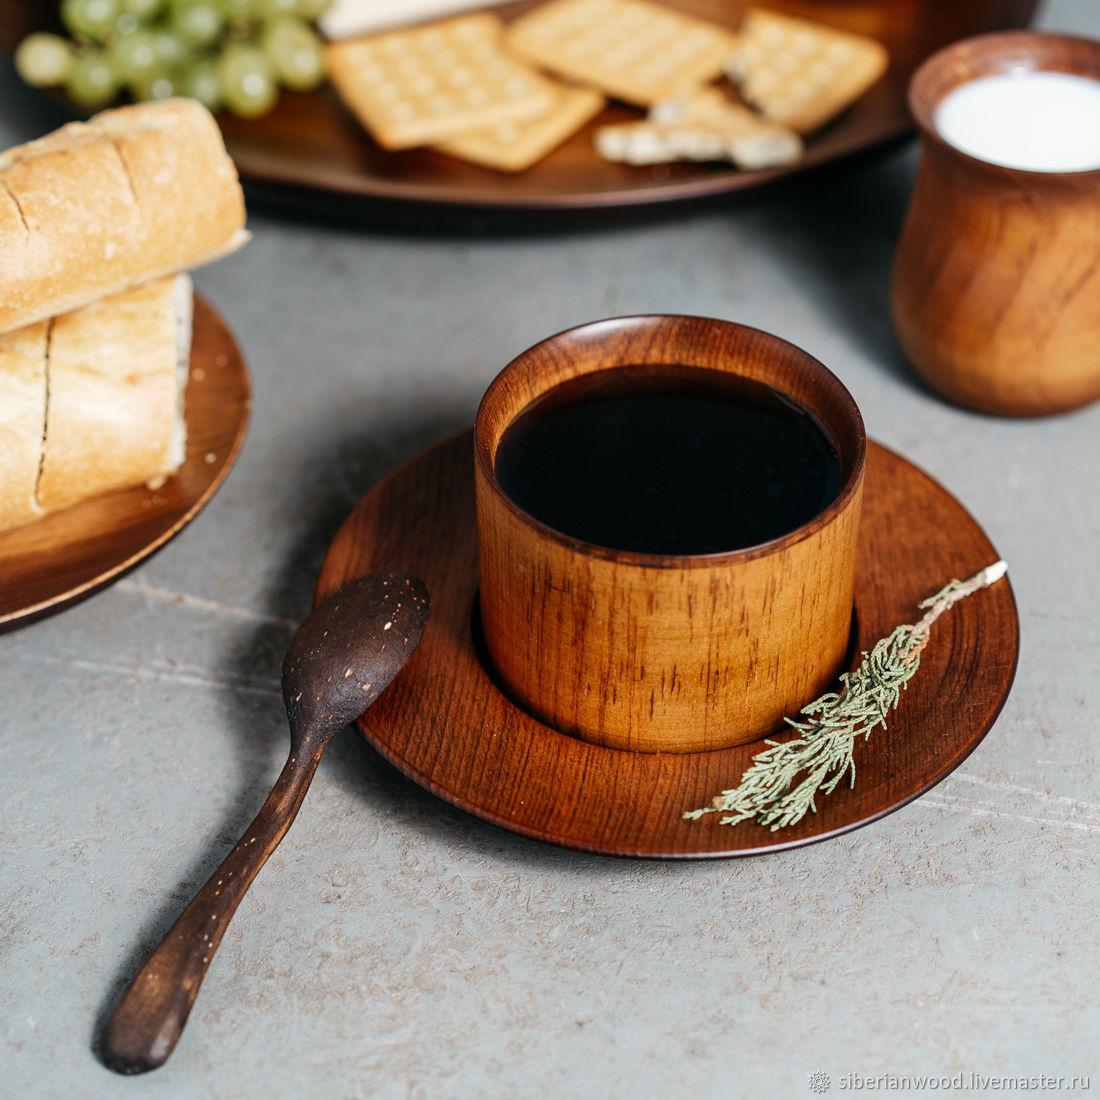 Кофейная пара из Кедра (Кружка+блюдце+ложка) из Сибирского Кедра #NC18, Кружки и чашки, Новокузнецк,  Фото №1